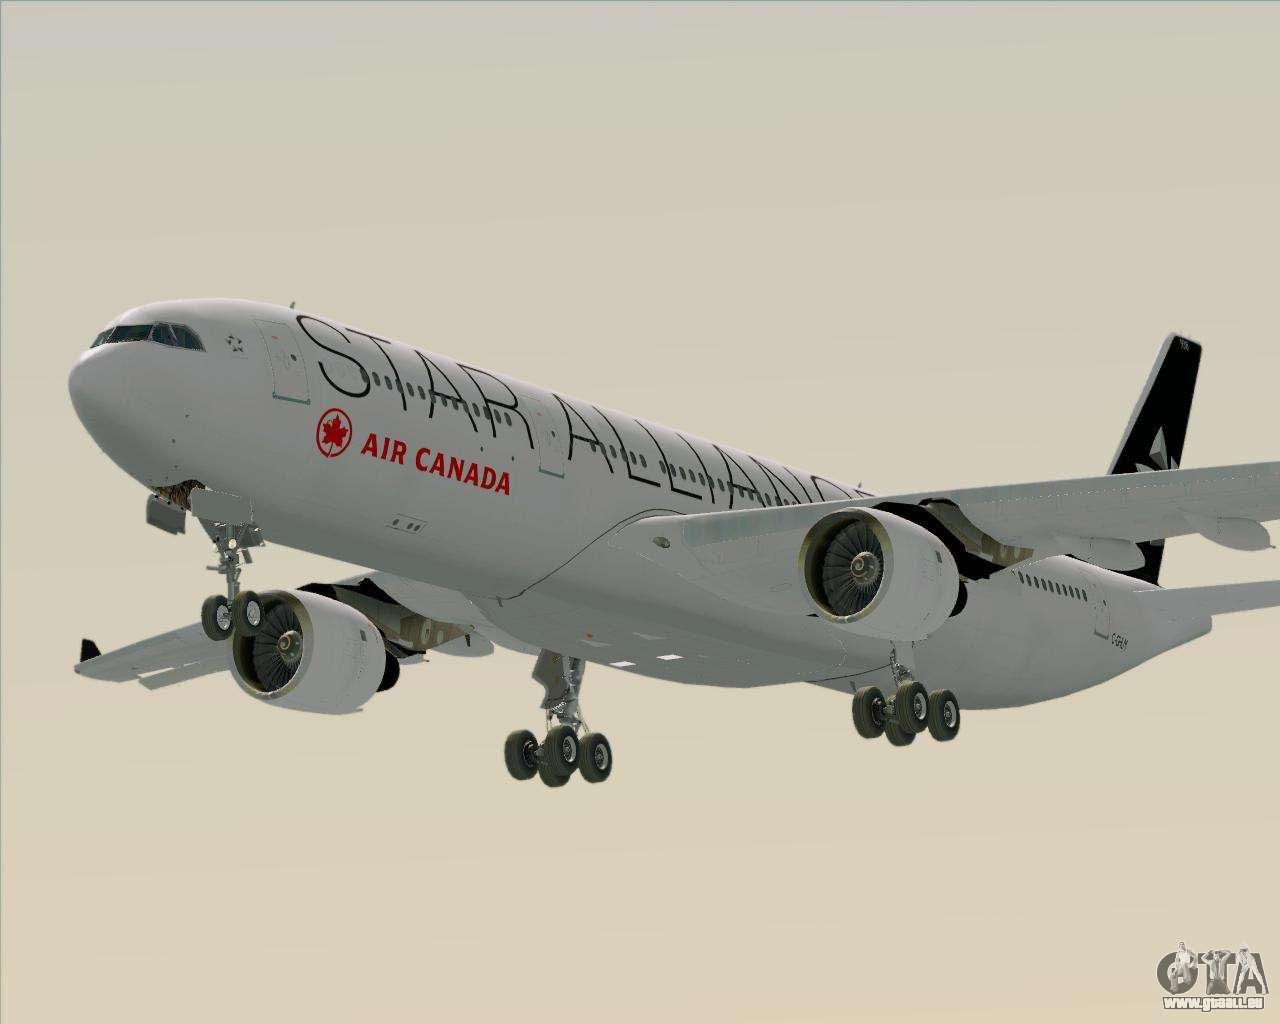 Air Canada Star Alliance 31